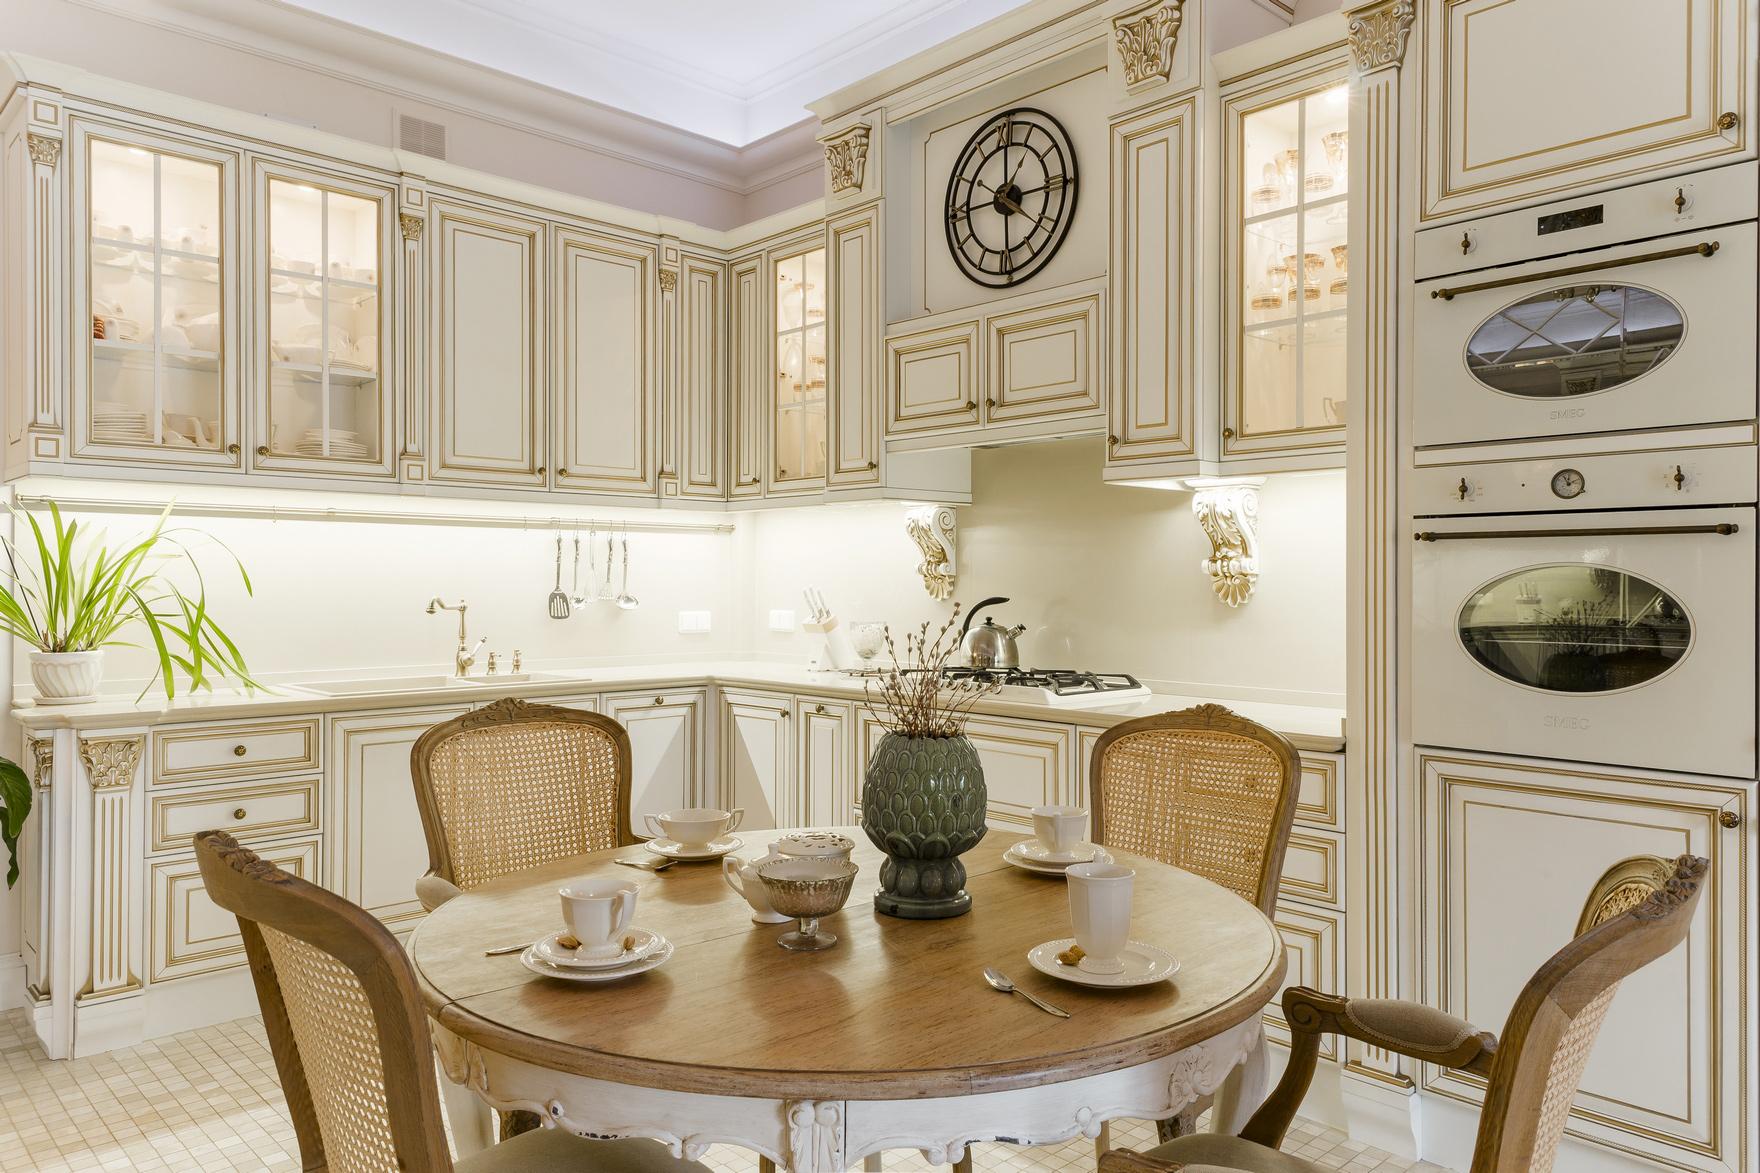 часы на стене в интерьере кухни